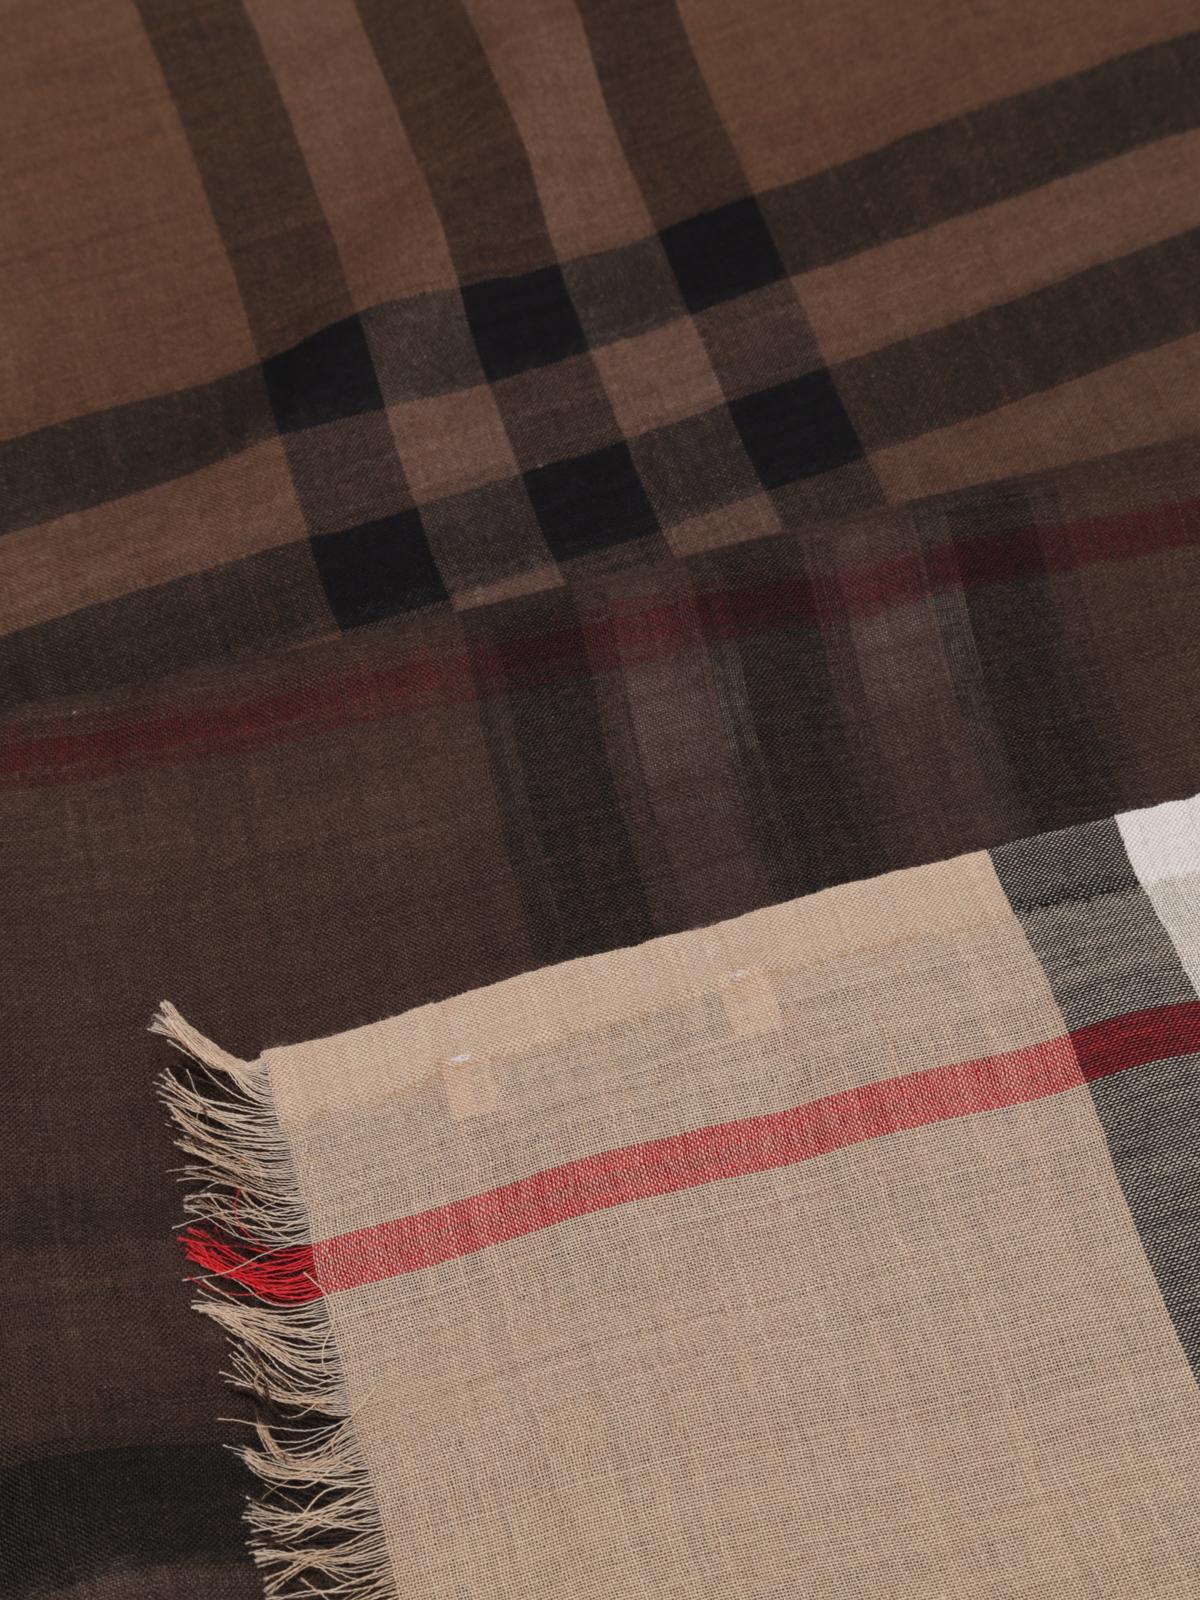 Giant Burberry E Check Sciarpa Ombre Sciarpe 3943706 Foulard qUEUH